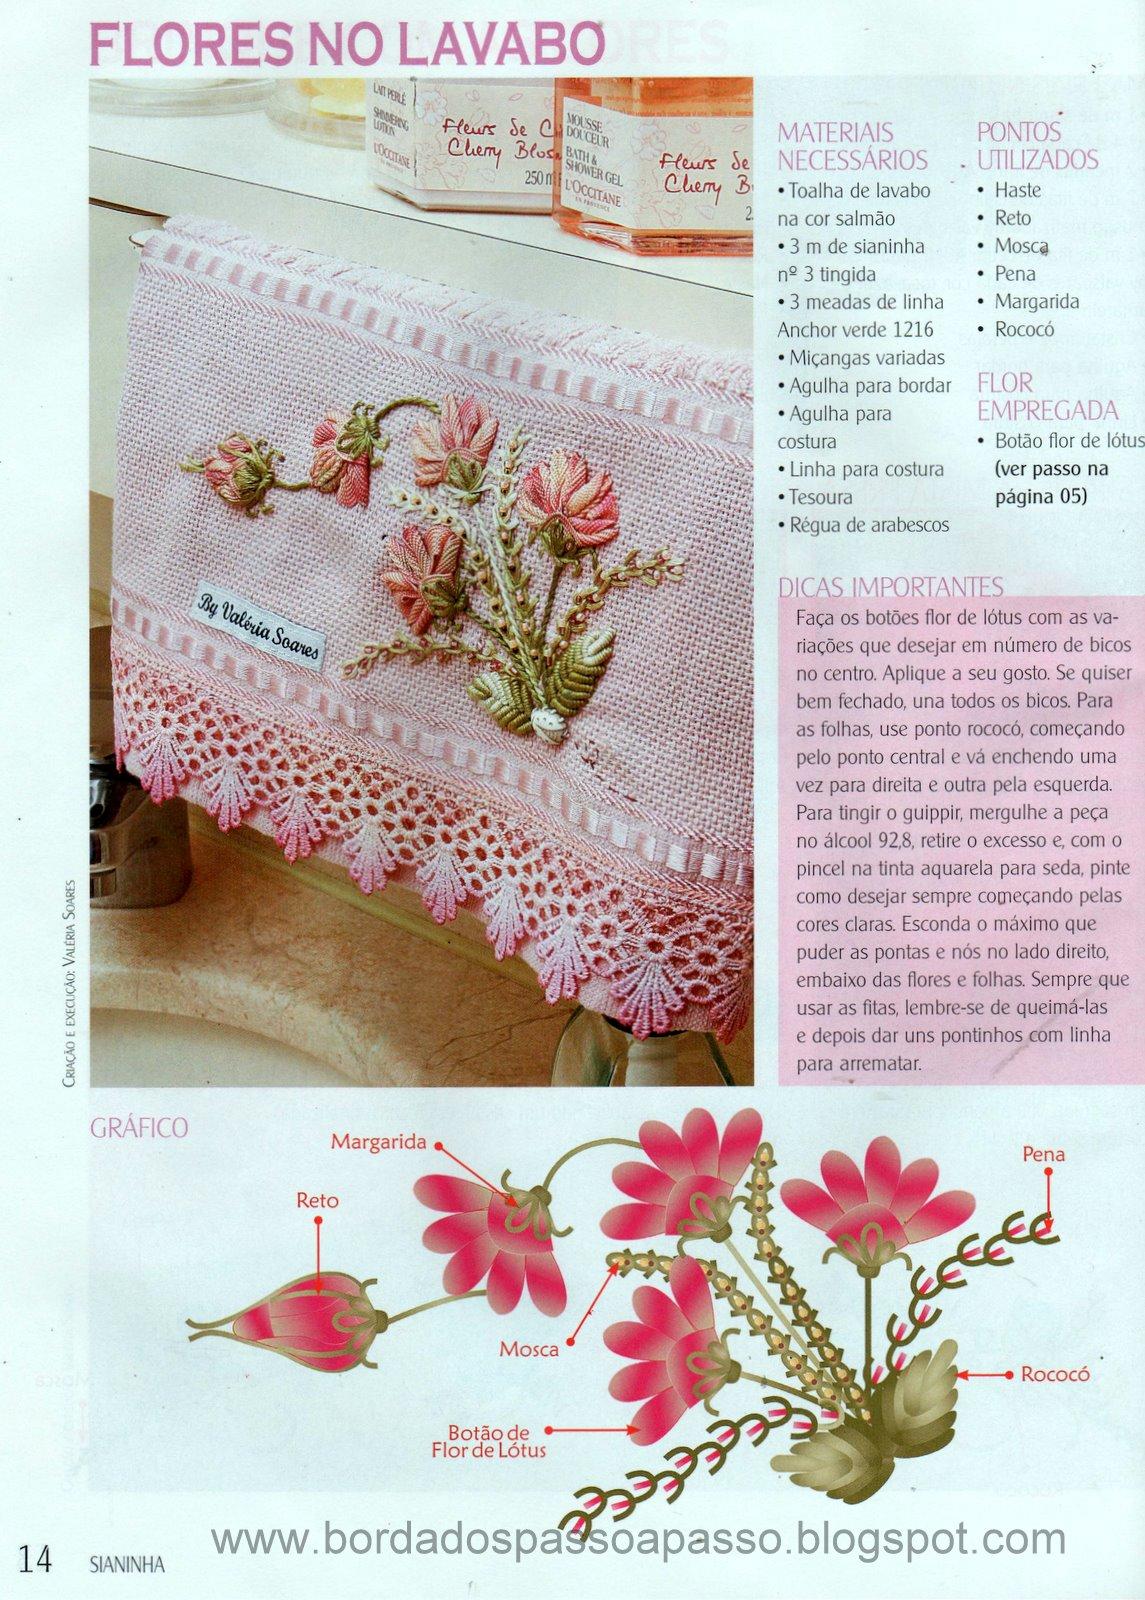 http://3.bp.blogspot.com/_zqAd5bB6G9Y/THMiMNa1GEI/AAAAAAAACM0/dlROGmpwNnw/s1600/toalha+rosa+com+sinhaninha+rosa+001.jpg